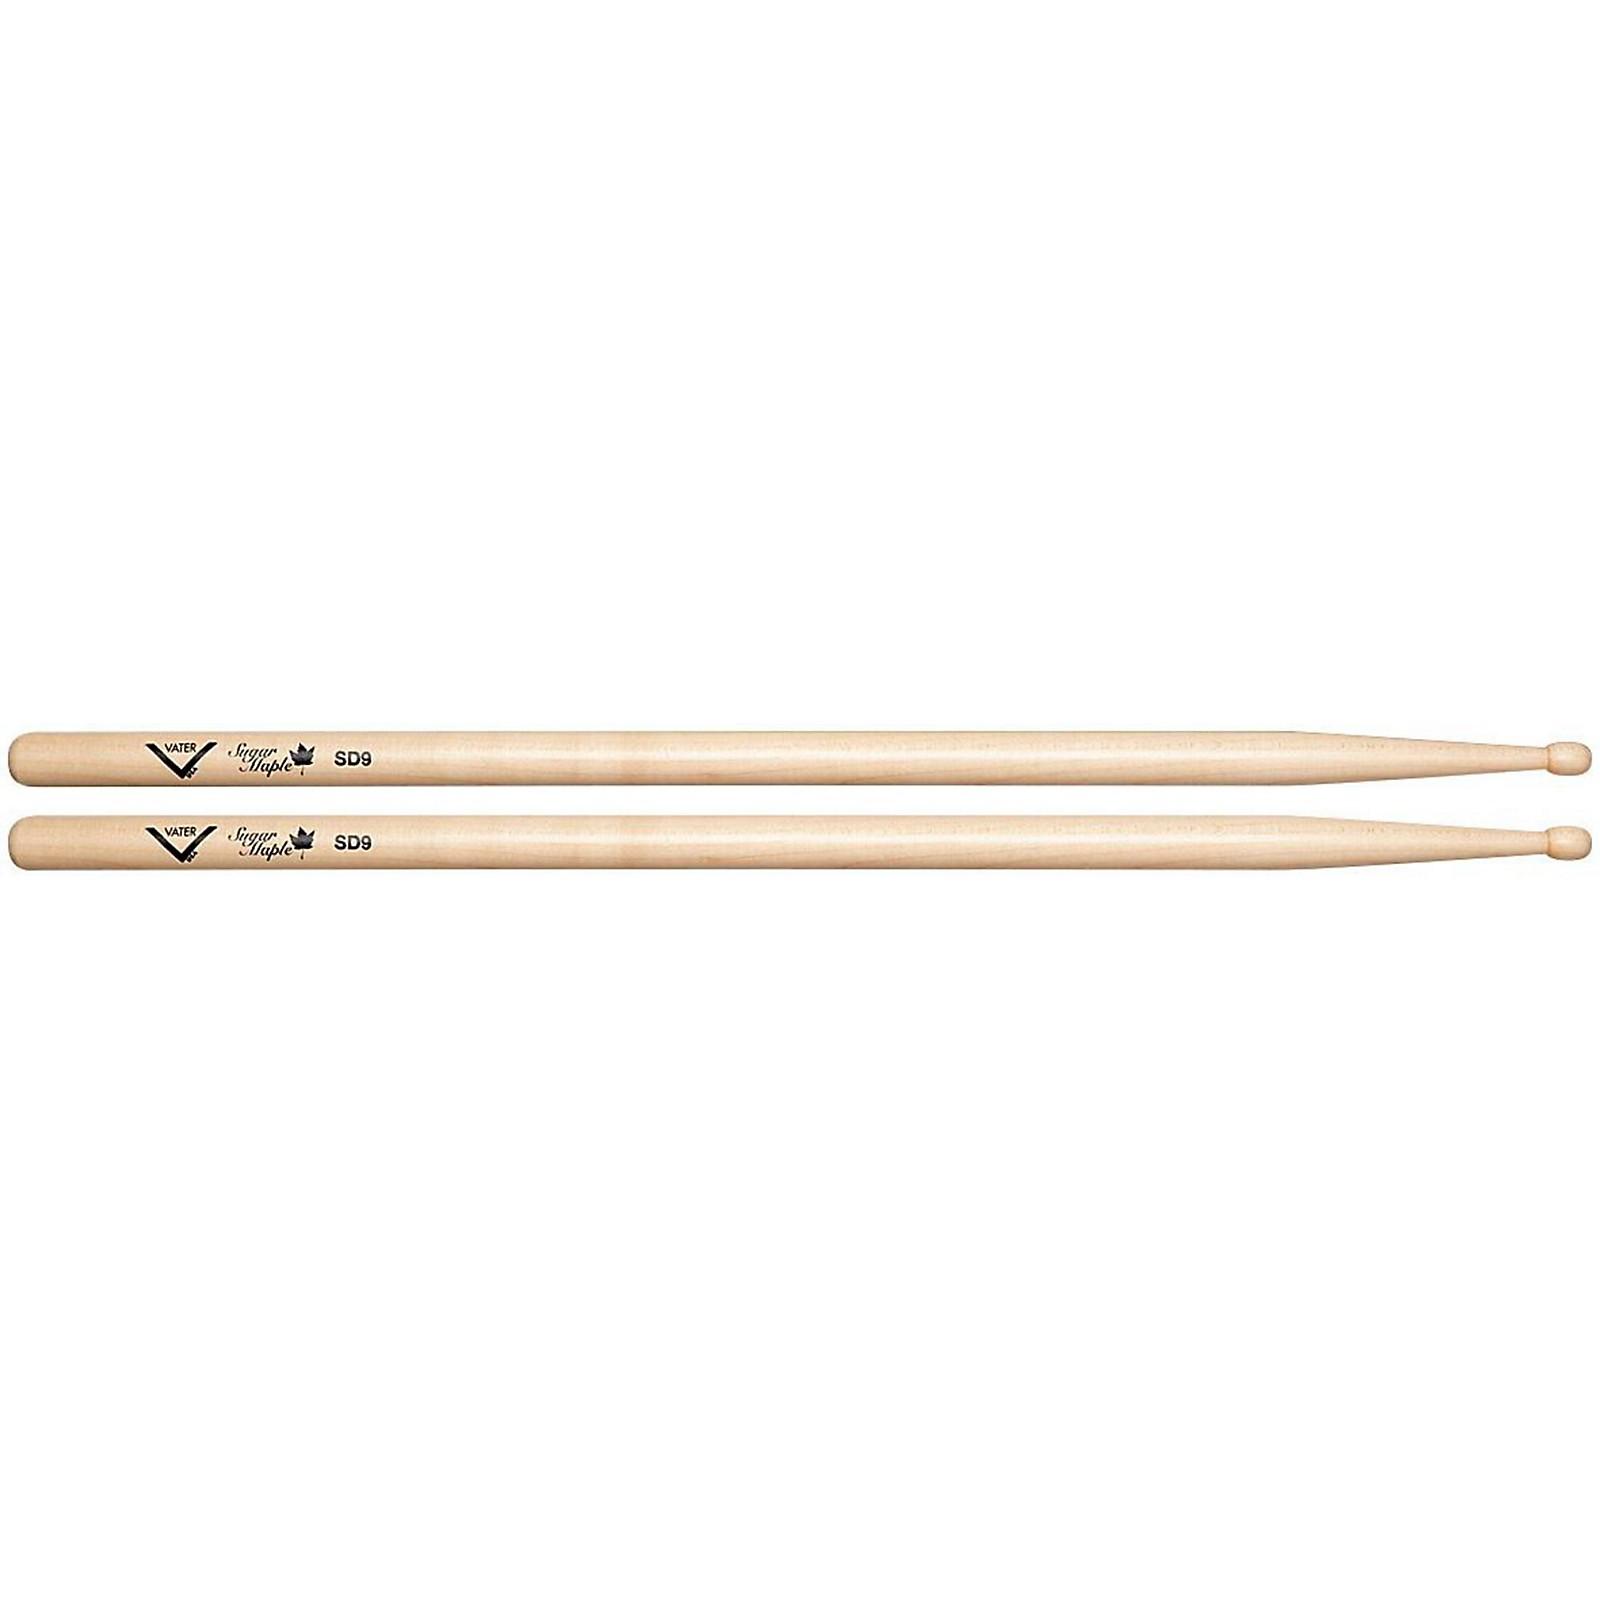 Vater SD9 Sugar Maple Drum Stick